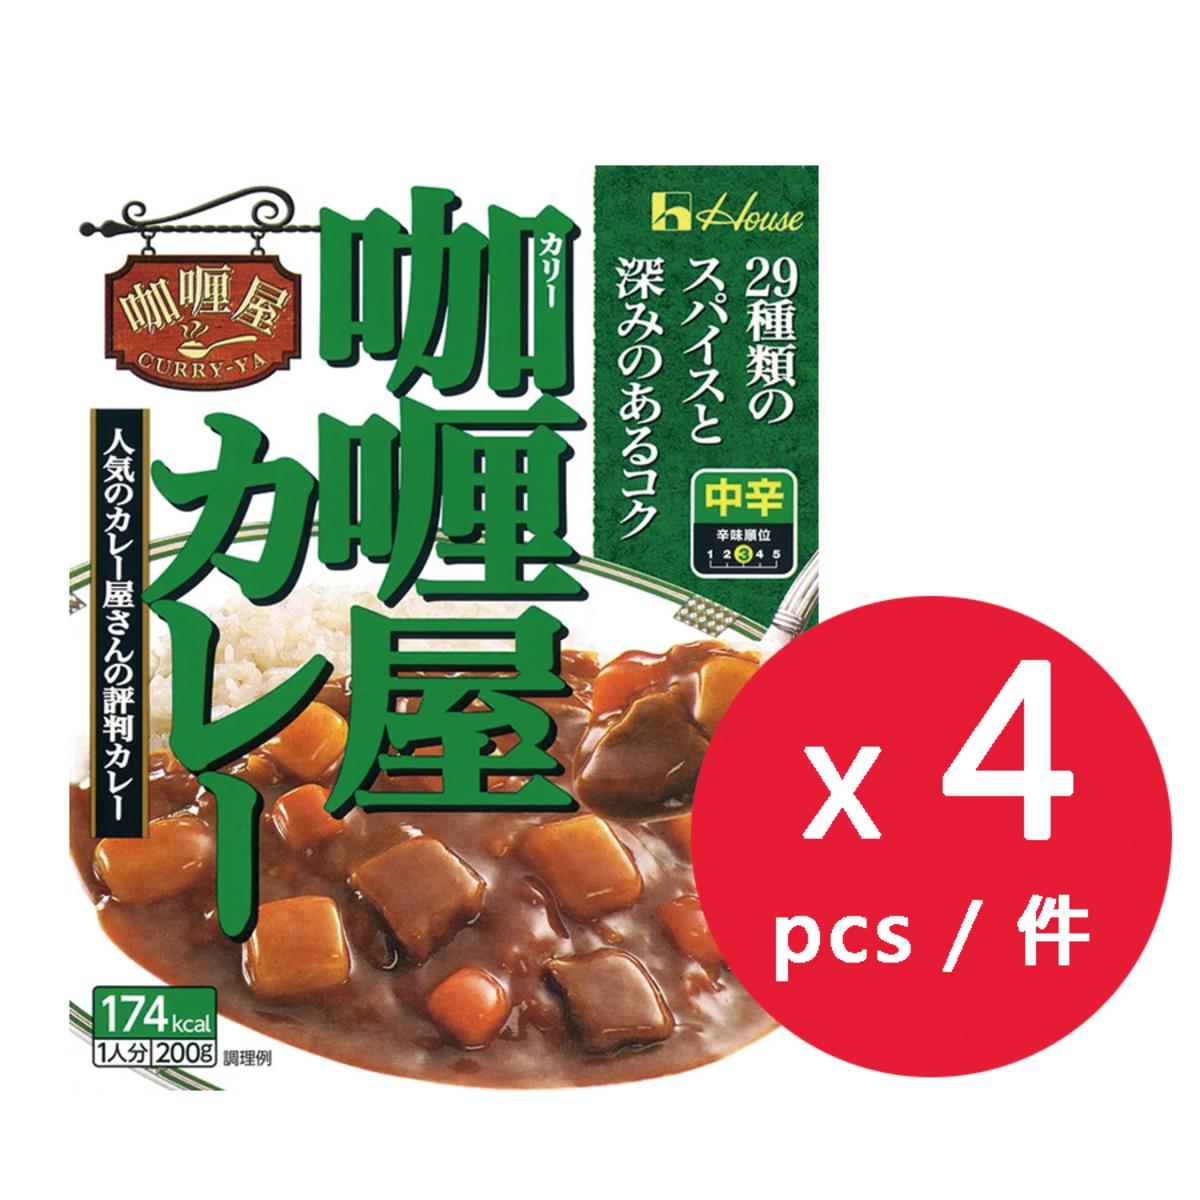 House 咖哩屋 咖哩汁 (中辛) 200g x 4盒 (平行進口)